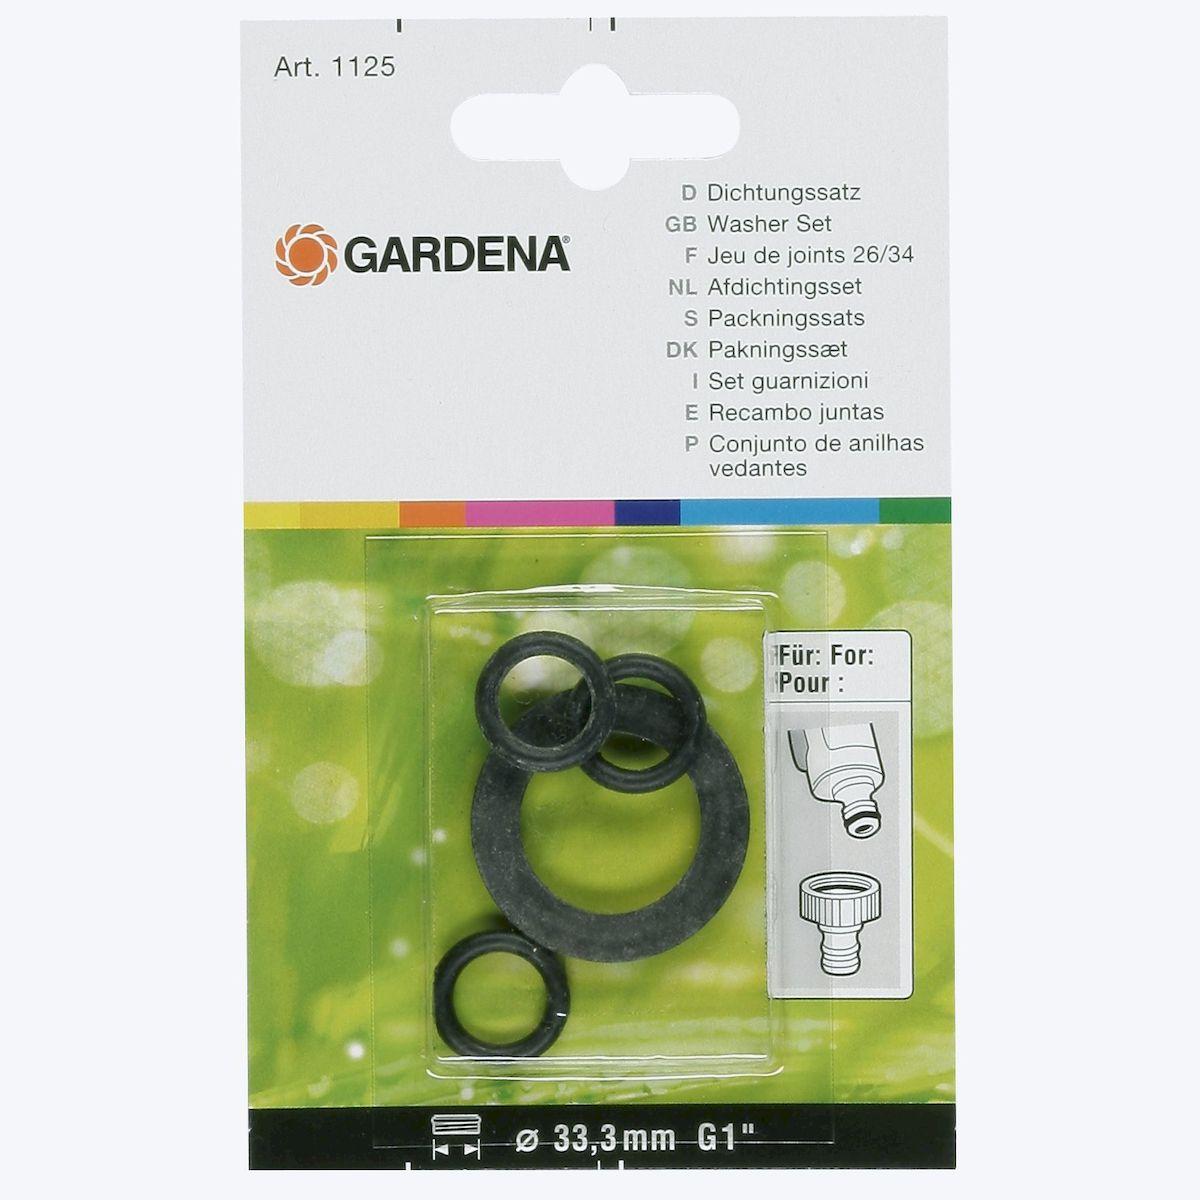 Комплект прокладок Gardena для резьбовых штуцеров02761-20.000.00В комплект прокладок Gardena входит одна прокладка и три уплотнительных кольца. Прокладки предназначены для резьбовых штуцеров Gardena с резьбой 33,3 мм ( G 1). После замены прокладок штуцеры становятся полностью герметичными и не пропускают воду.